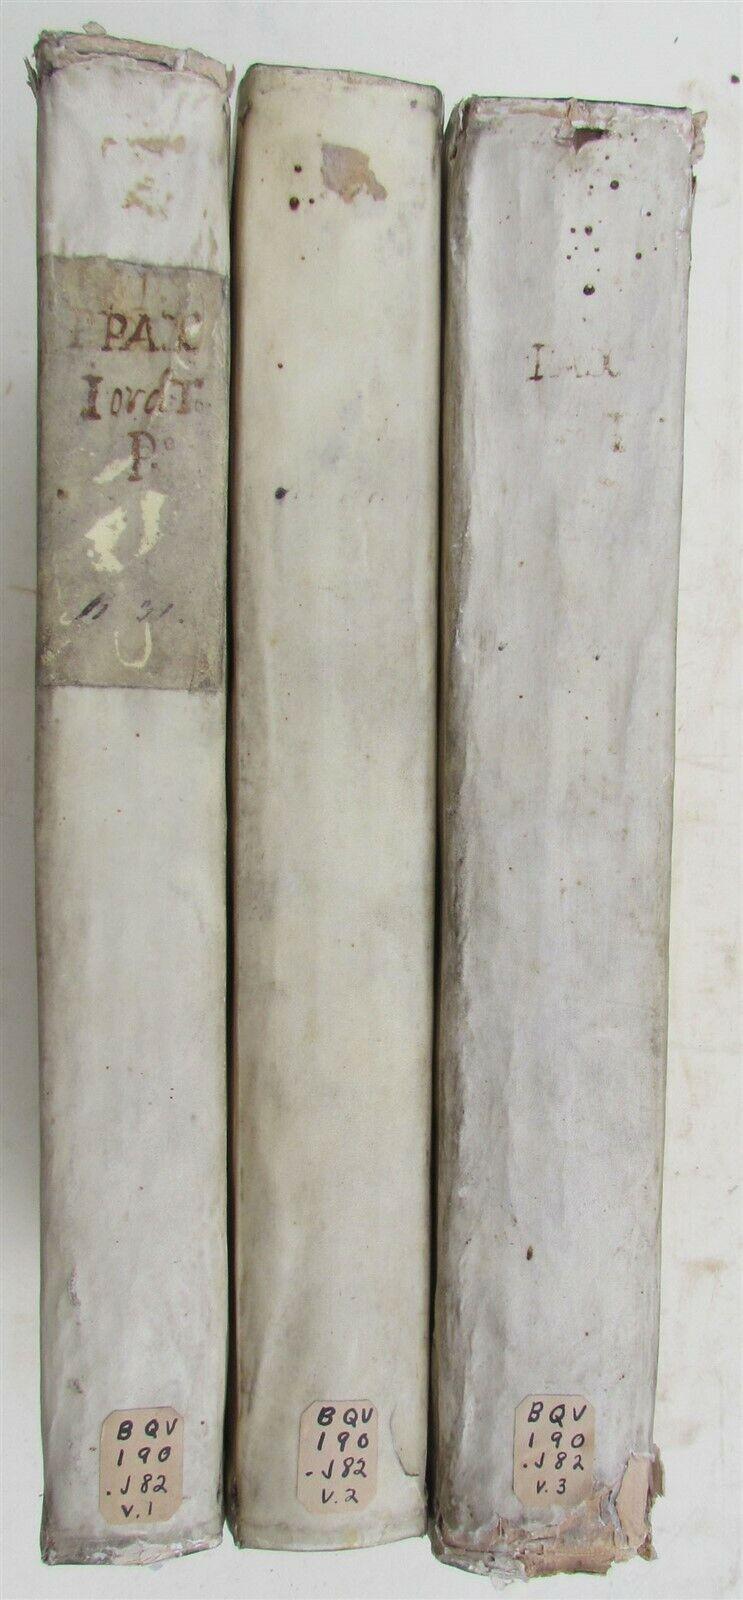 Fenetre En Bandeau Definition vialibri ~ rare books from 1729 - page 3